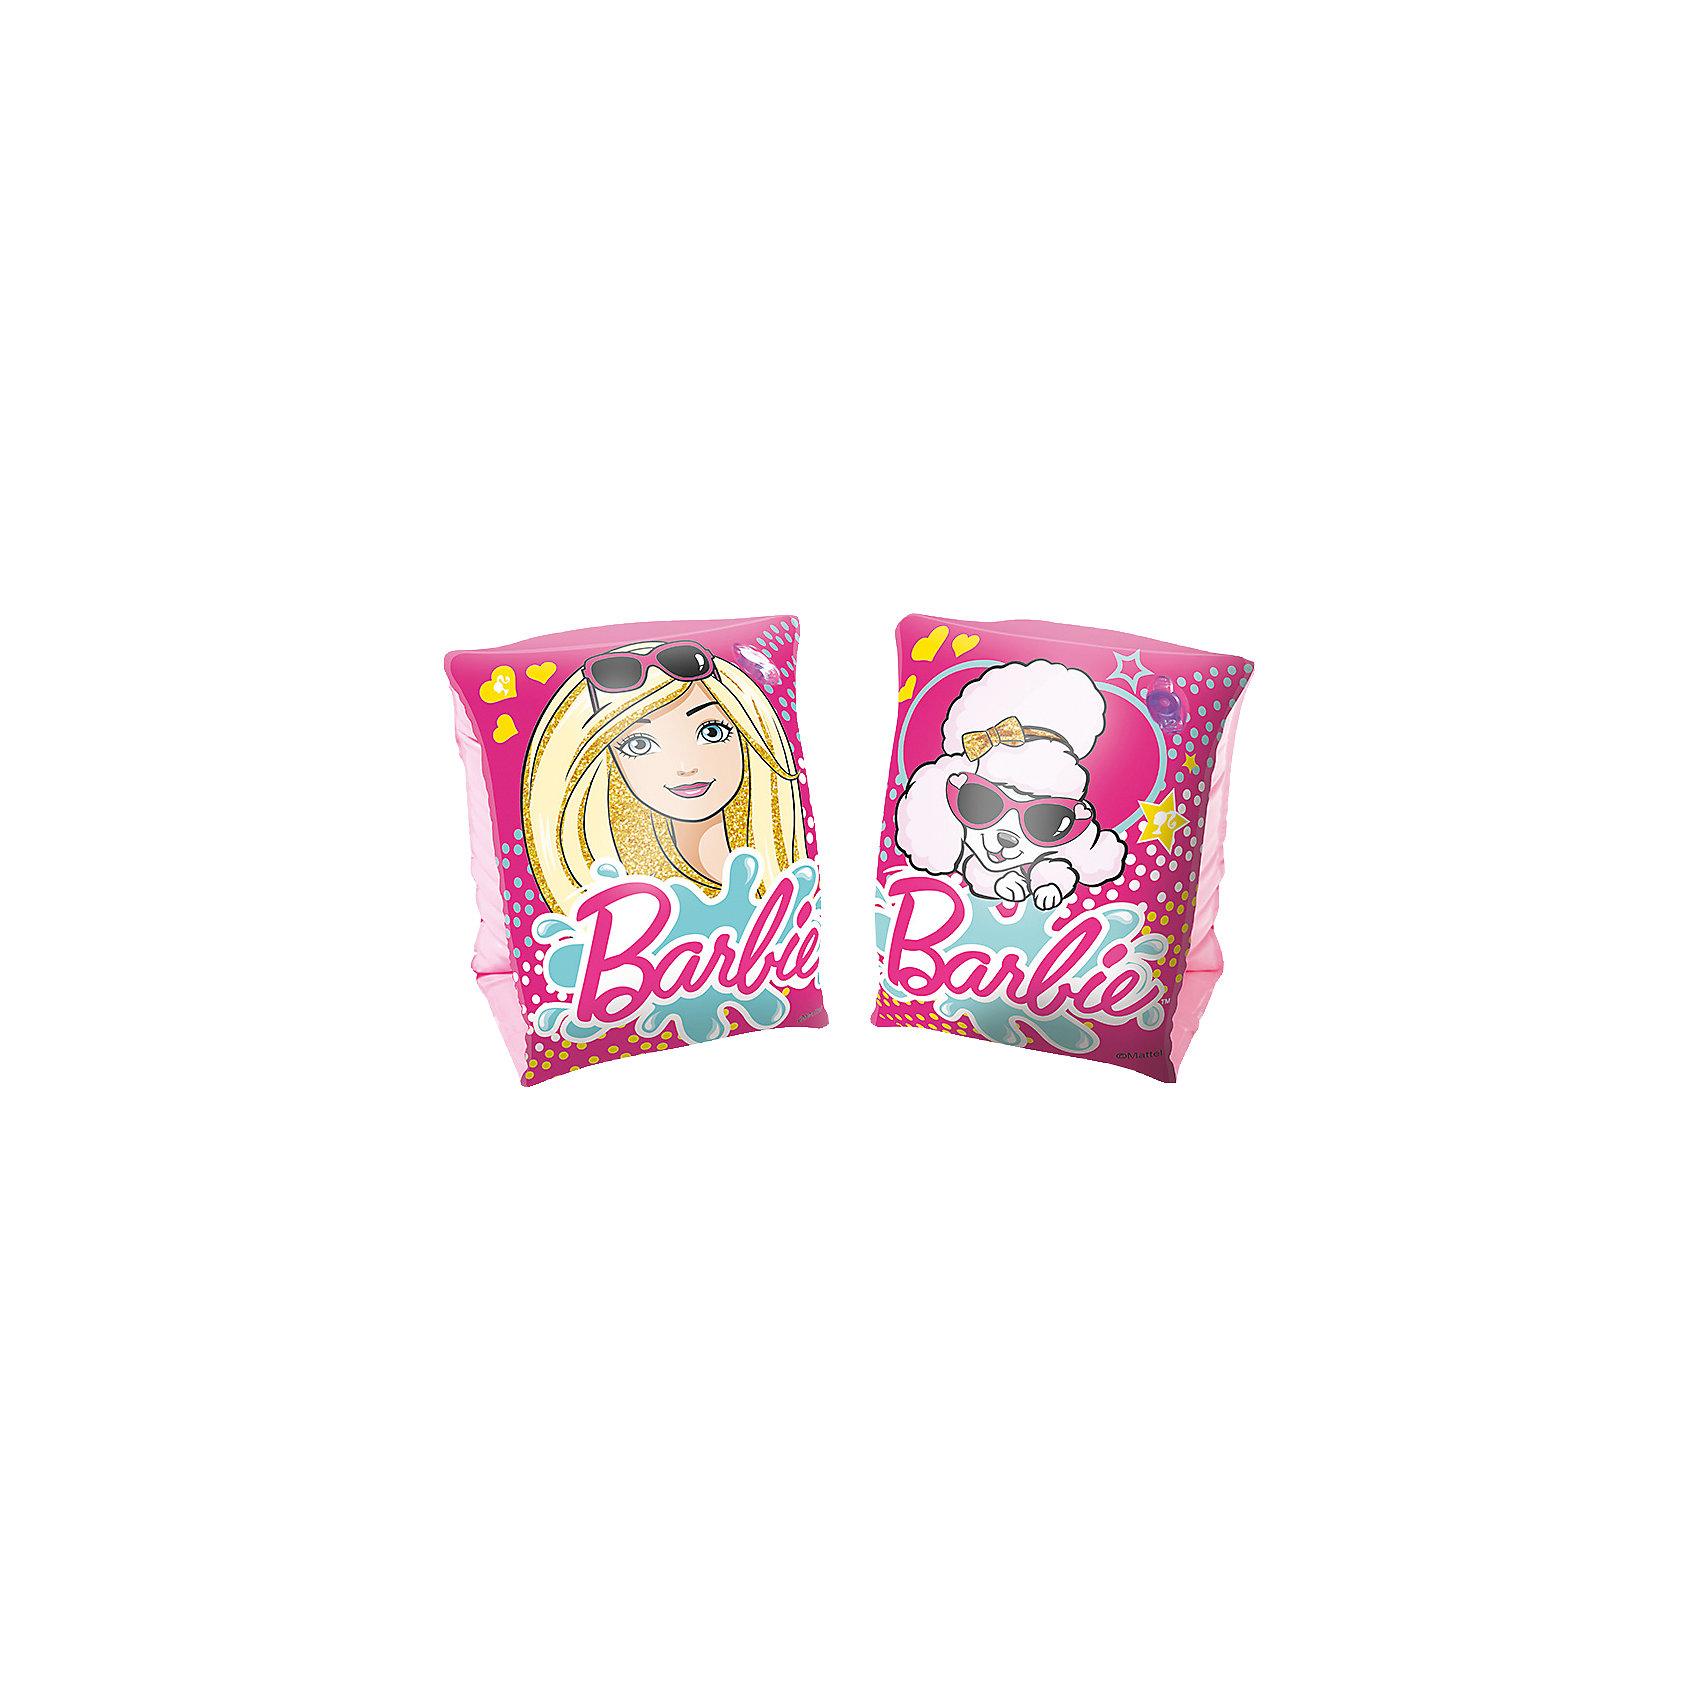 Нарукавники для плавания, Barbie, BestwayКруги и нарукавники<br>Характеристики товара:<br><br>• материал: полимер<br>• размер: 23х15 см<br>• легкий материал<br>• для начинающих плавать<br>• надувные<br>• яркие цвета<br>• хорошо заметны на воде<br>• возраст: от 3 до 6 лет<br>• страна бренда: США, Китай<br>• страна производства: Китай<br><br>Это отличный способ научить малышей плавать и обеспечить детям веселое времяпровождение! Нарукавники помогут ребенку больше двигаться и поддерживать хорошую физическую форму.<br><br>Предметы сделаны из прочного материала, но очень легкого - они отлично держатся на воде. Предметы легкие, их удобно брать с собой. Изделия произведены из качественных и безопасных для детей материалов.<br><br>Нарукавники для плавания, Barbie, от бренда Bestway (Бествей) можно купить в нашем интернет-магазине.<br><br>Ширина мм: 192<br>Глубина мм: 121<br>Высота мм: 30<br>Вес г: 108<br>Возраст от месяцев: 36<br>Возраст до месяцев: 96<br>Пол: Женский<br>Возраст: Детский<br>SKU: 4967573